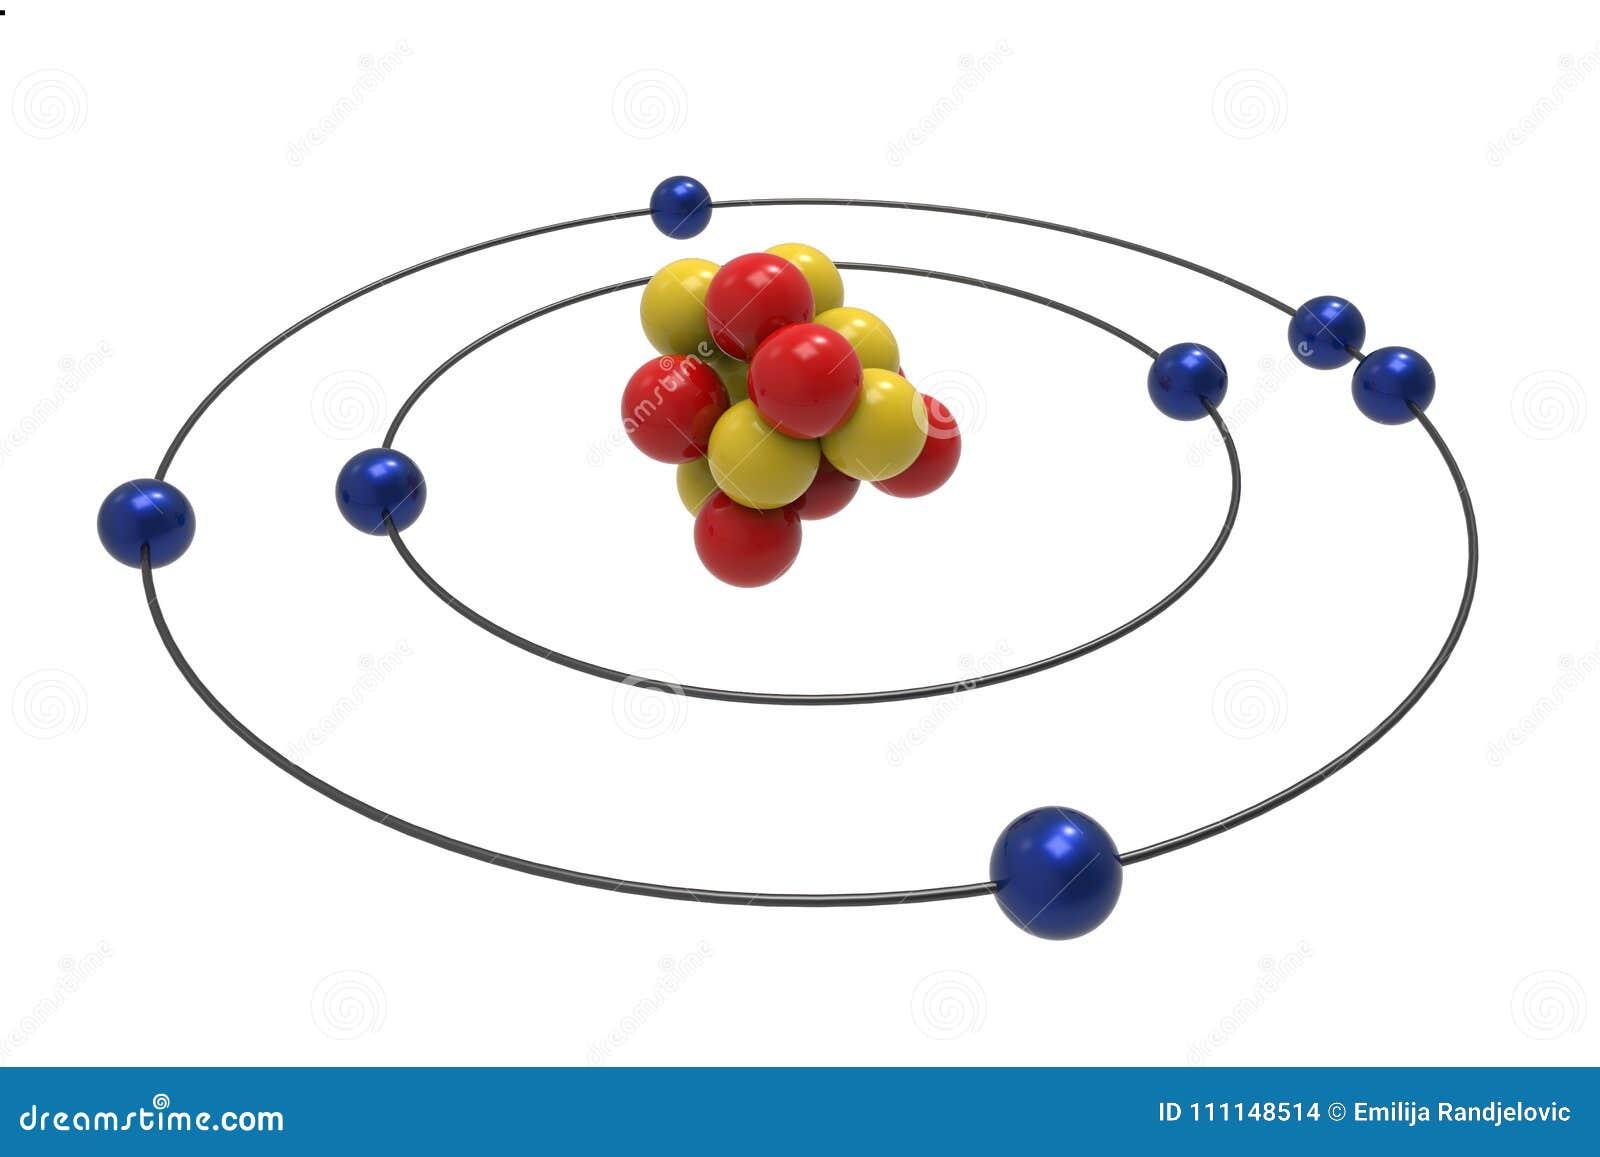 Bohr modell av gasformigt grundämneatomen med proton, neutronen och elektronen